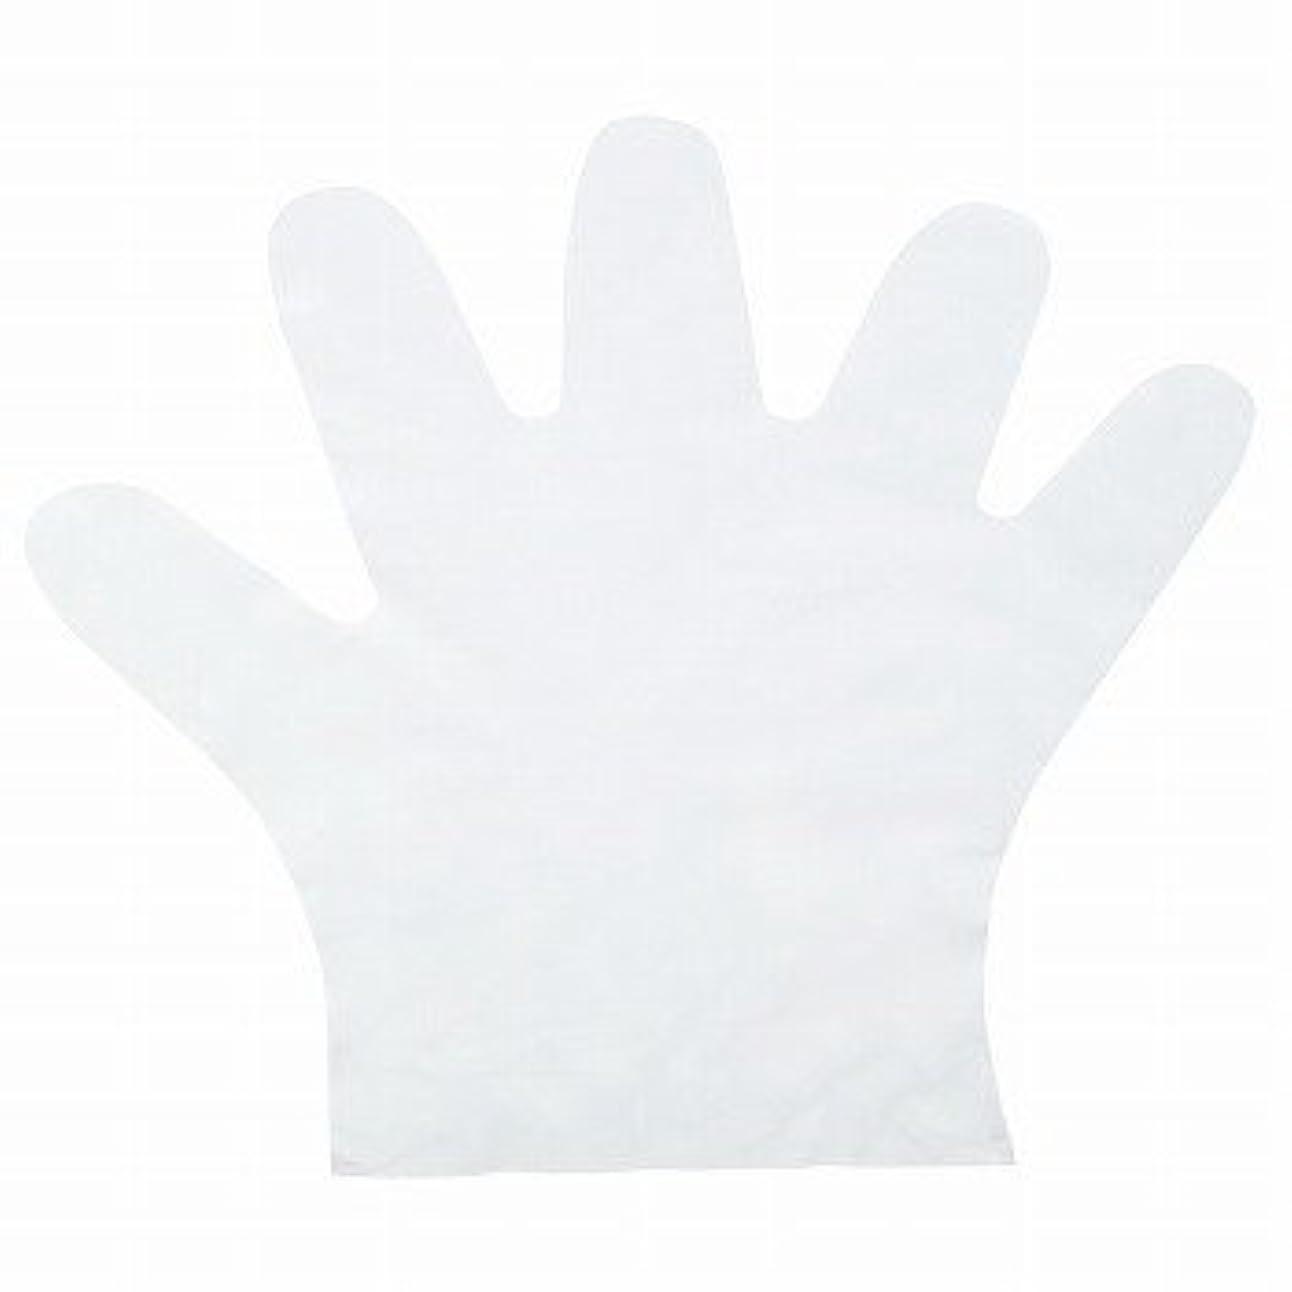 導体熱意マラソンおたふく手袋/ポリエチディスポ(LD) 100枚入×50セット[総数5000枚]/品番:248 サイズ:M